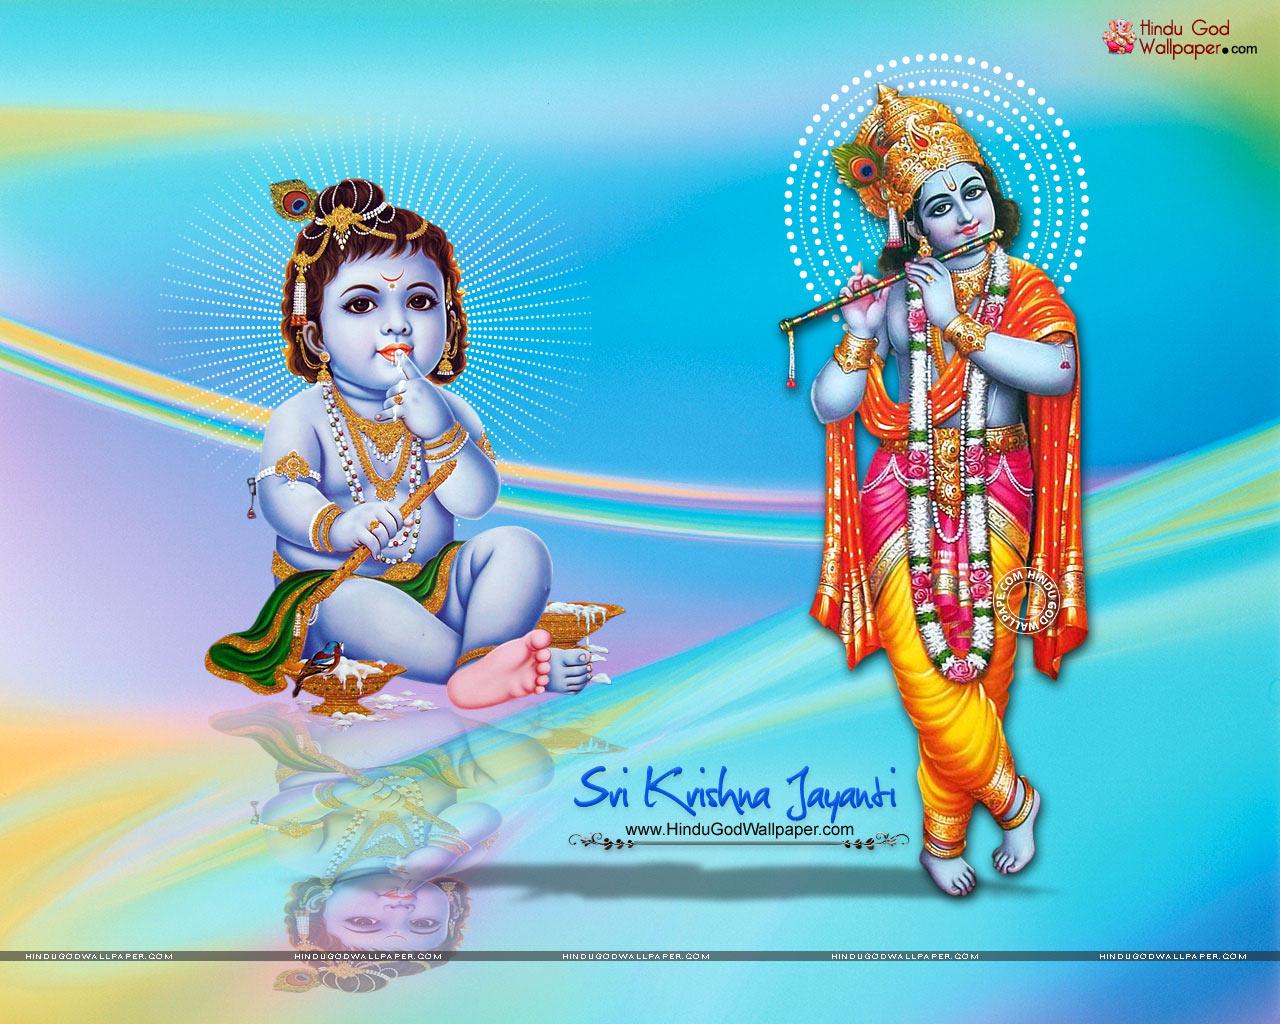 Sri krishna jayanti wallpaper - Sri Krishna Jayanti Wallpaper 33